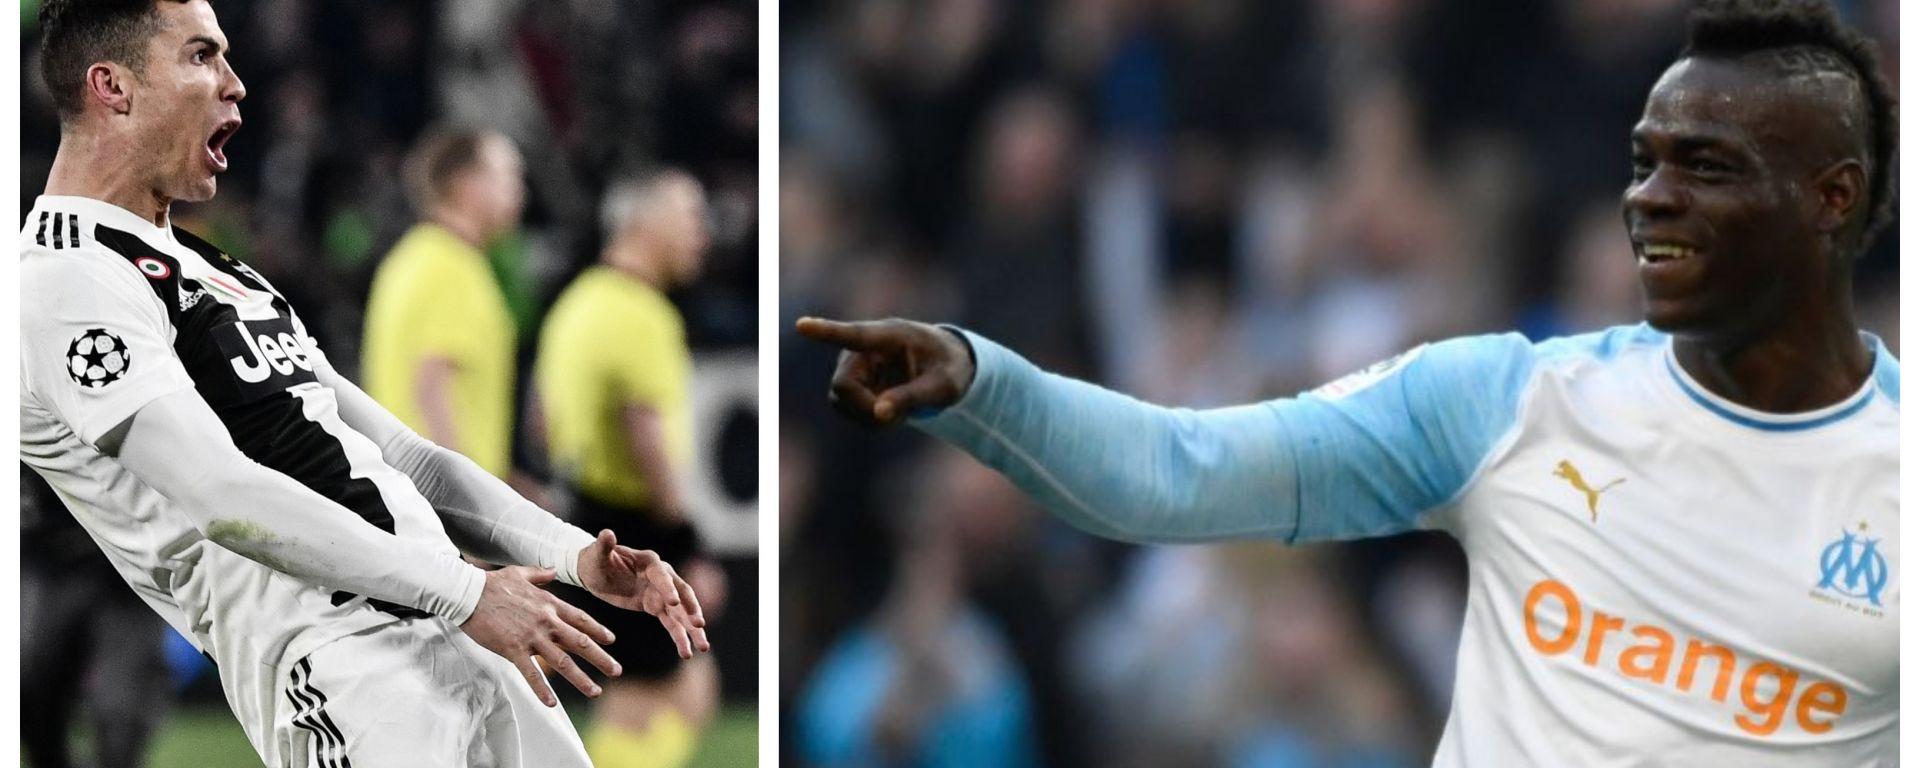 Cristiano Ronaldo vs Mario Balotelli